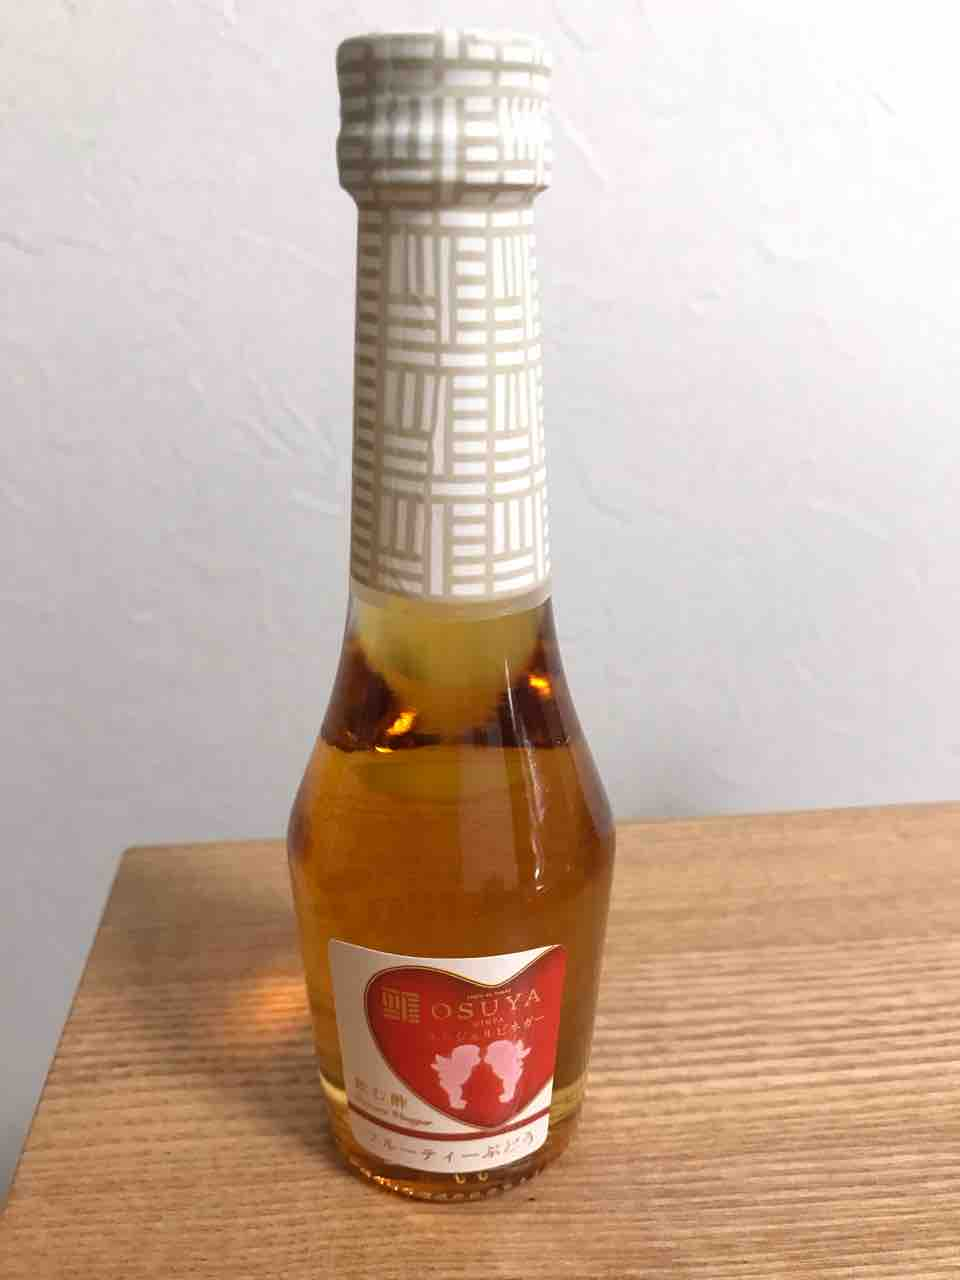 結婚式のプチギフトとしてゲストに贈ったosuyaのデザートビネガー。